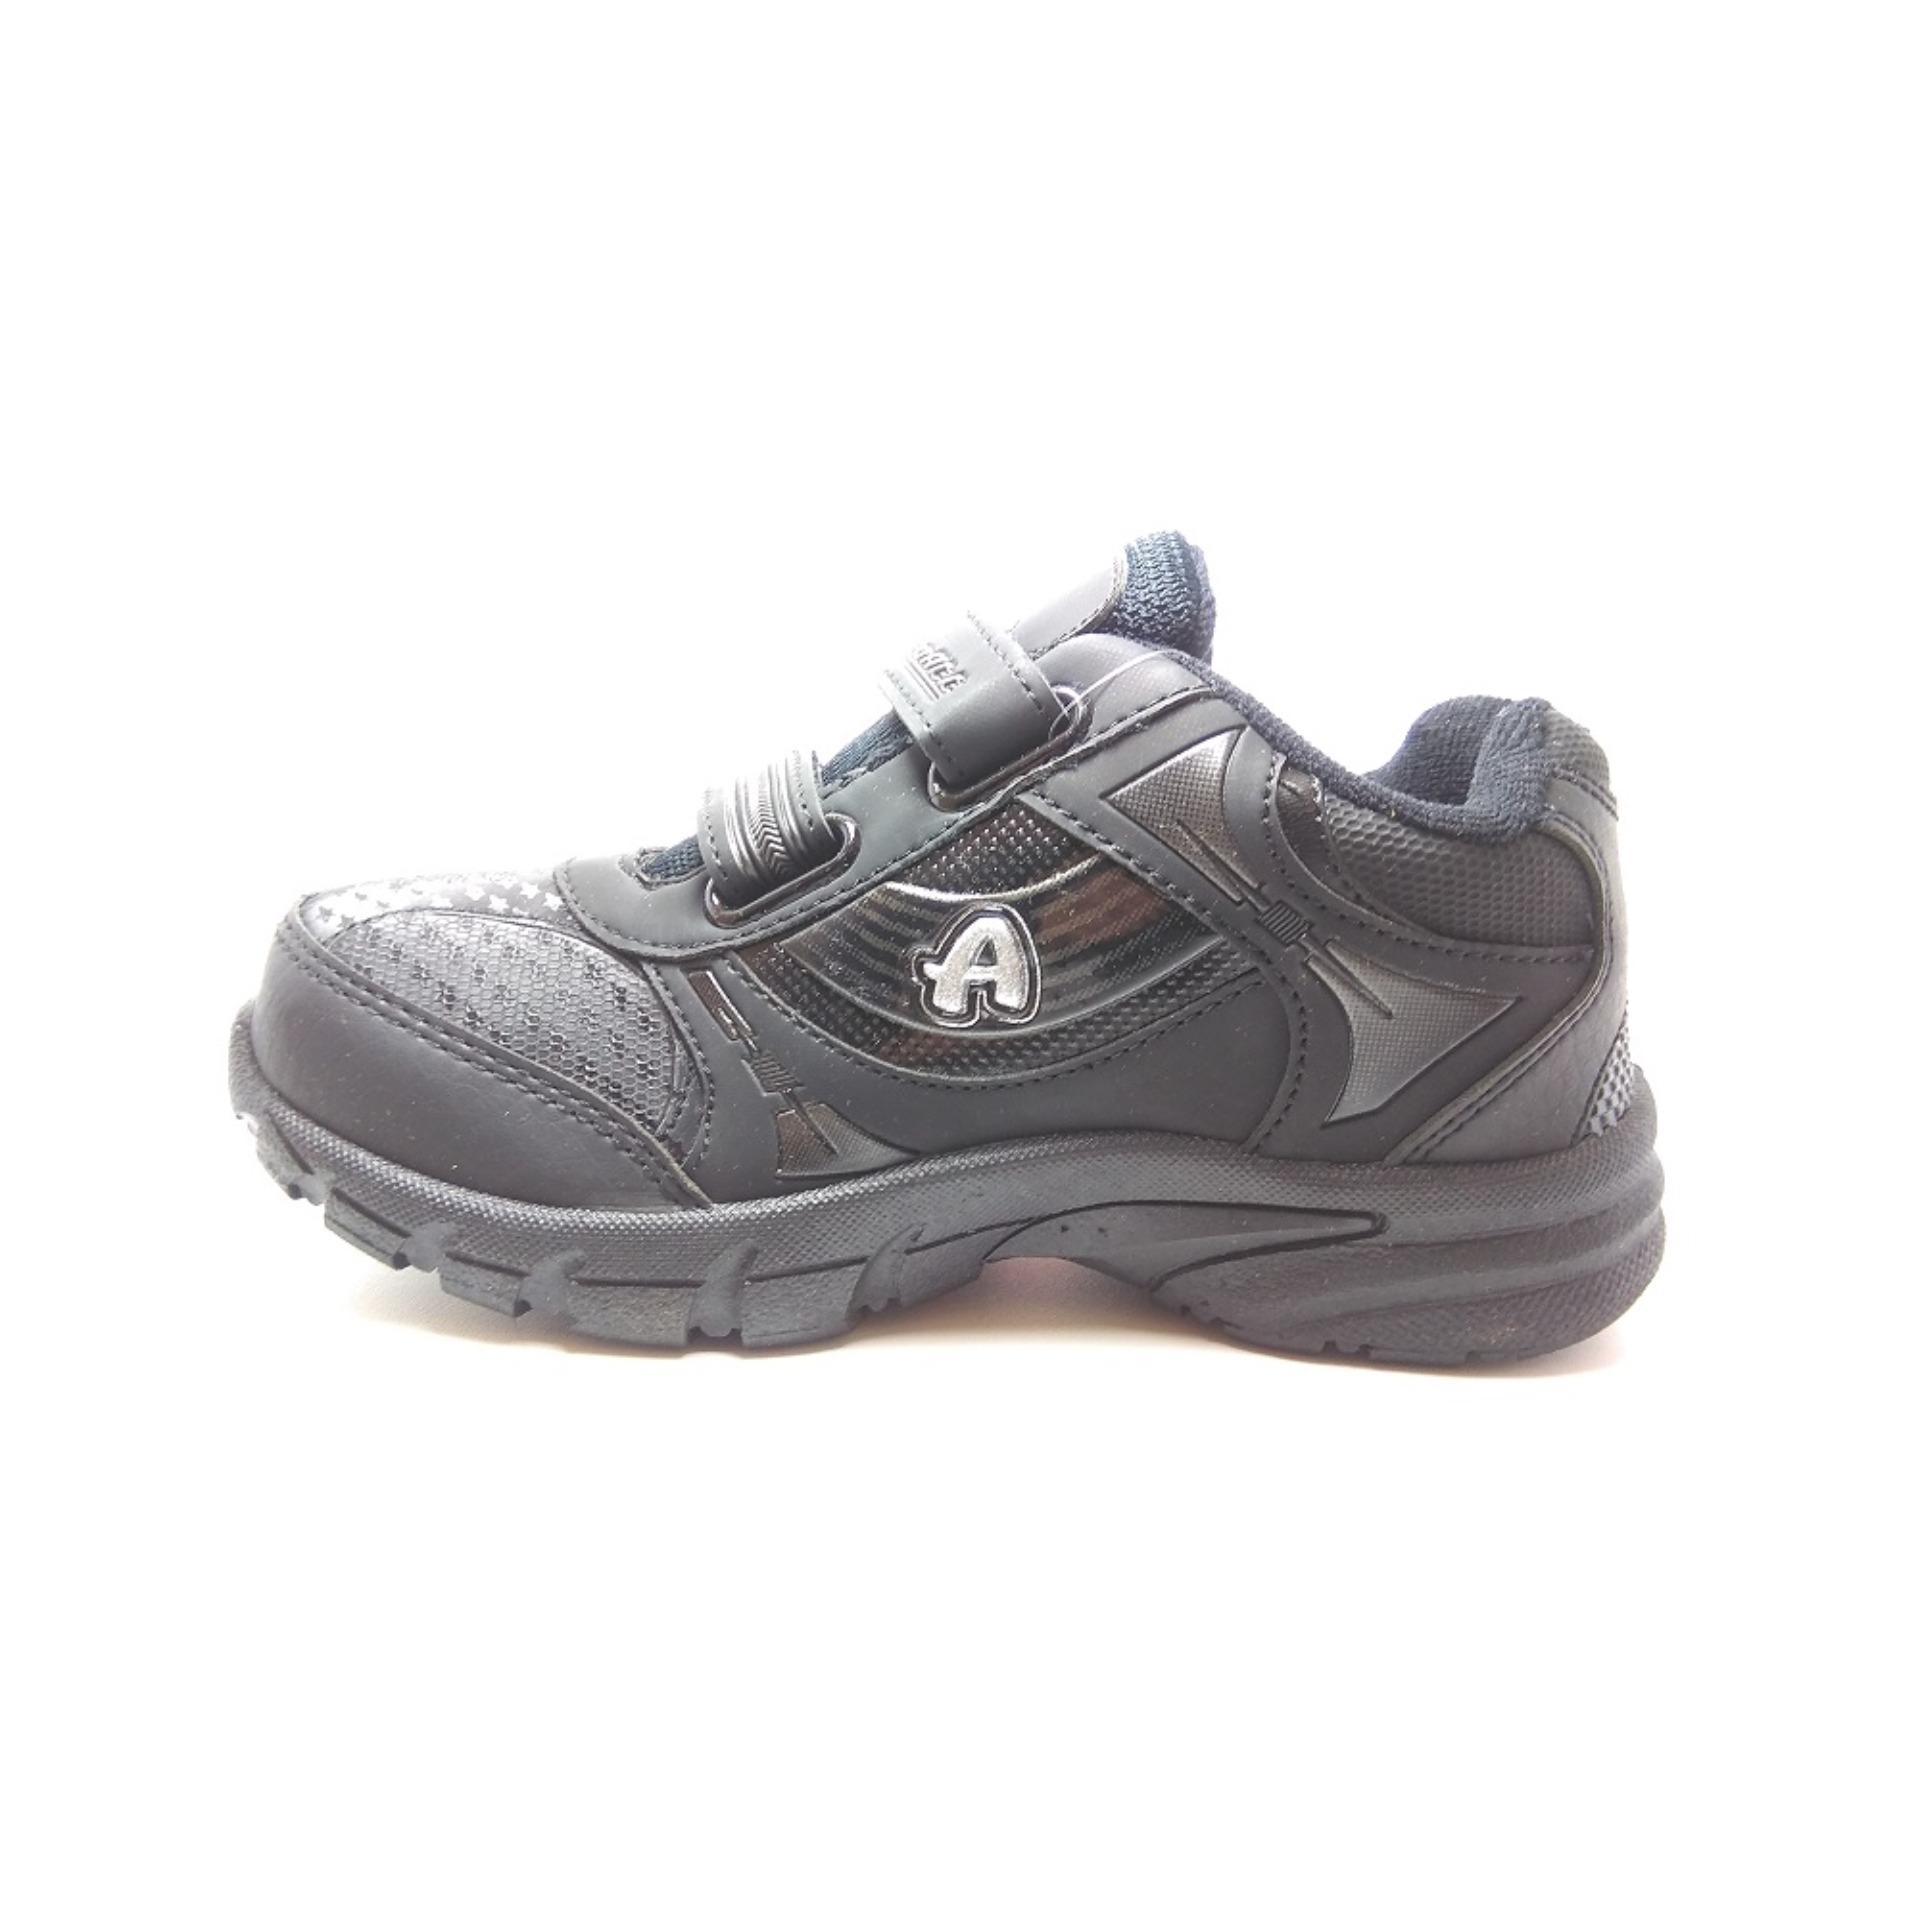 Cari Harga Laphiko Sepatu Sekolah Anak Magnet Hitam Pro Att Mgp Sandal Laki 1604 306 Brown Size 26 31 3